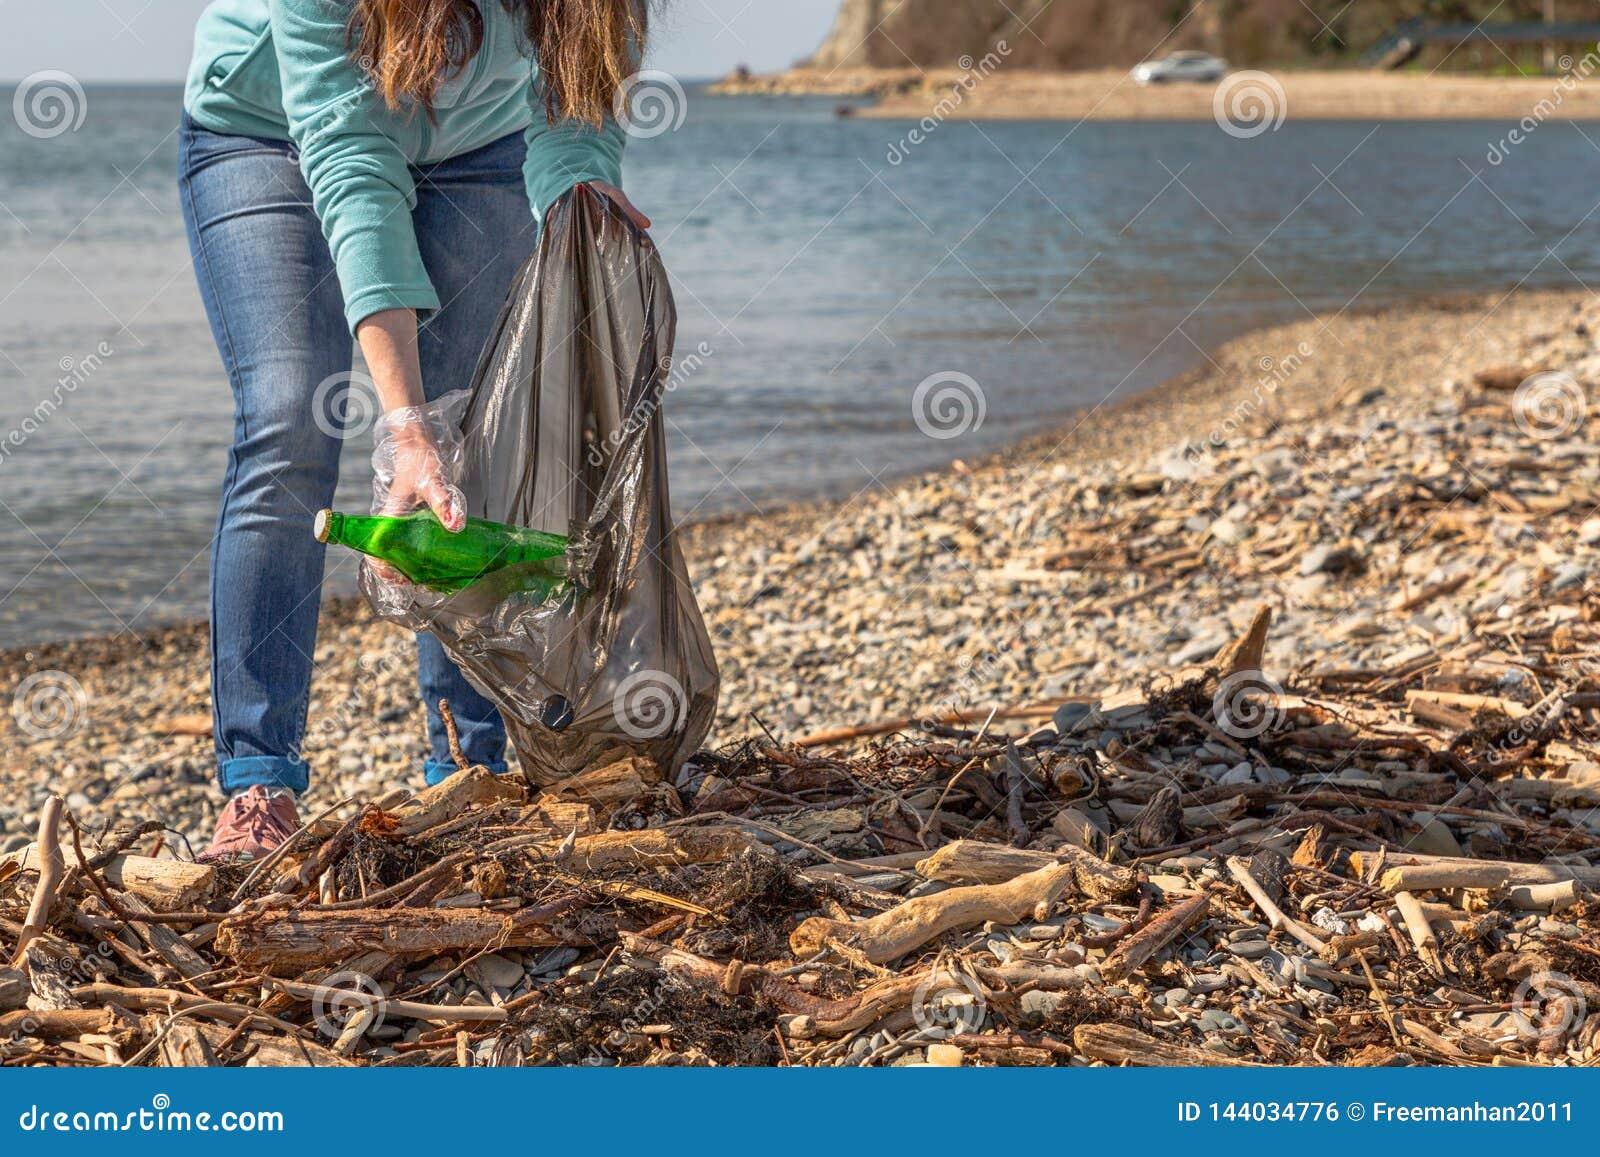 Młoda kobieta stawia zbierającego śmieci w torbie Czyścić terytorium ochrona środowiska Denny i drewniany grat dalej